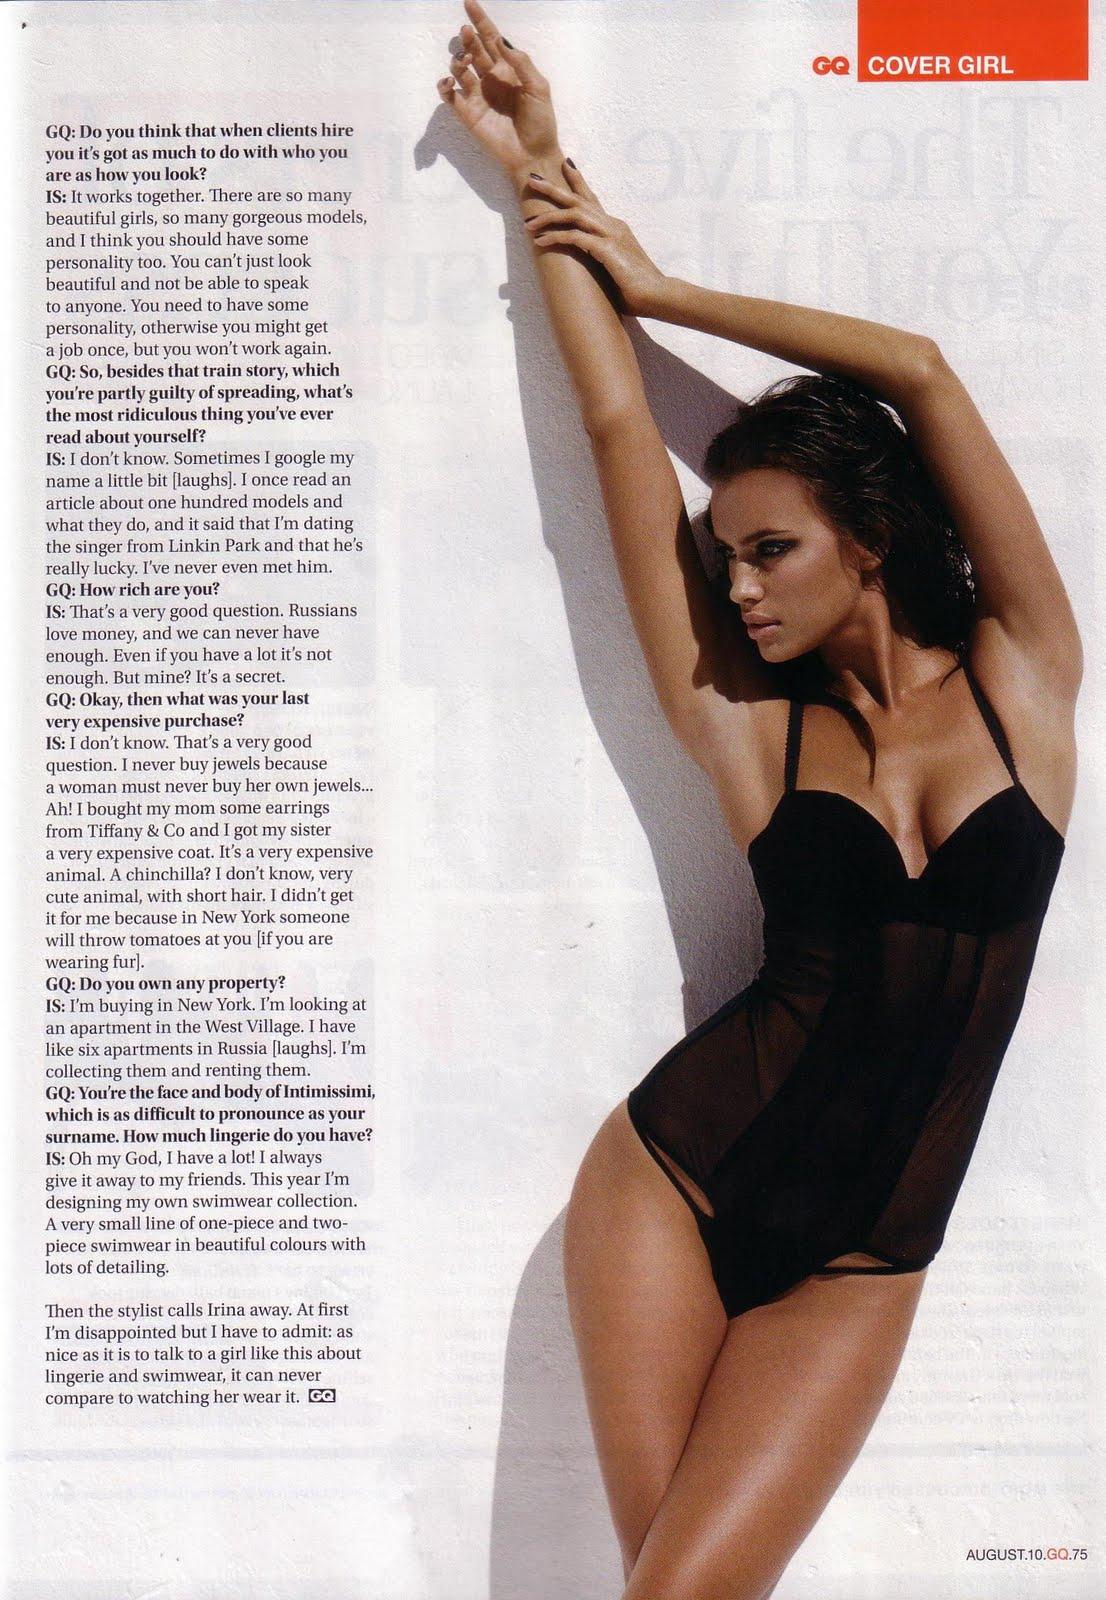 http://4.bp.blogspot.com/_j-DNrxAUH1E/TPWfInEqrnI/AAAAAAAAAis/GBJWWPKC2f8/s1600/irina.shayk-gq-naked.jpg